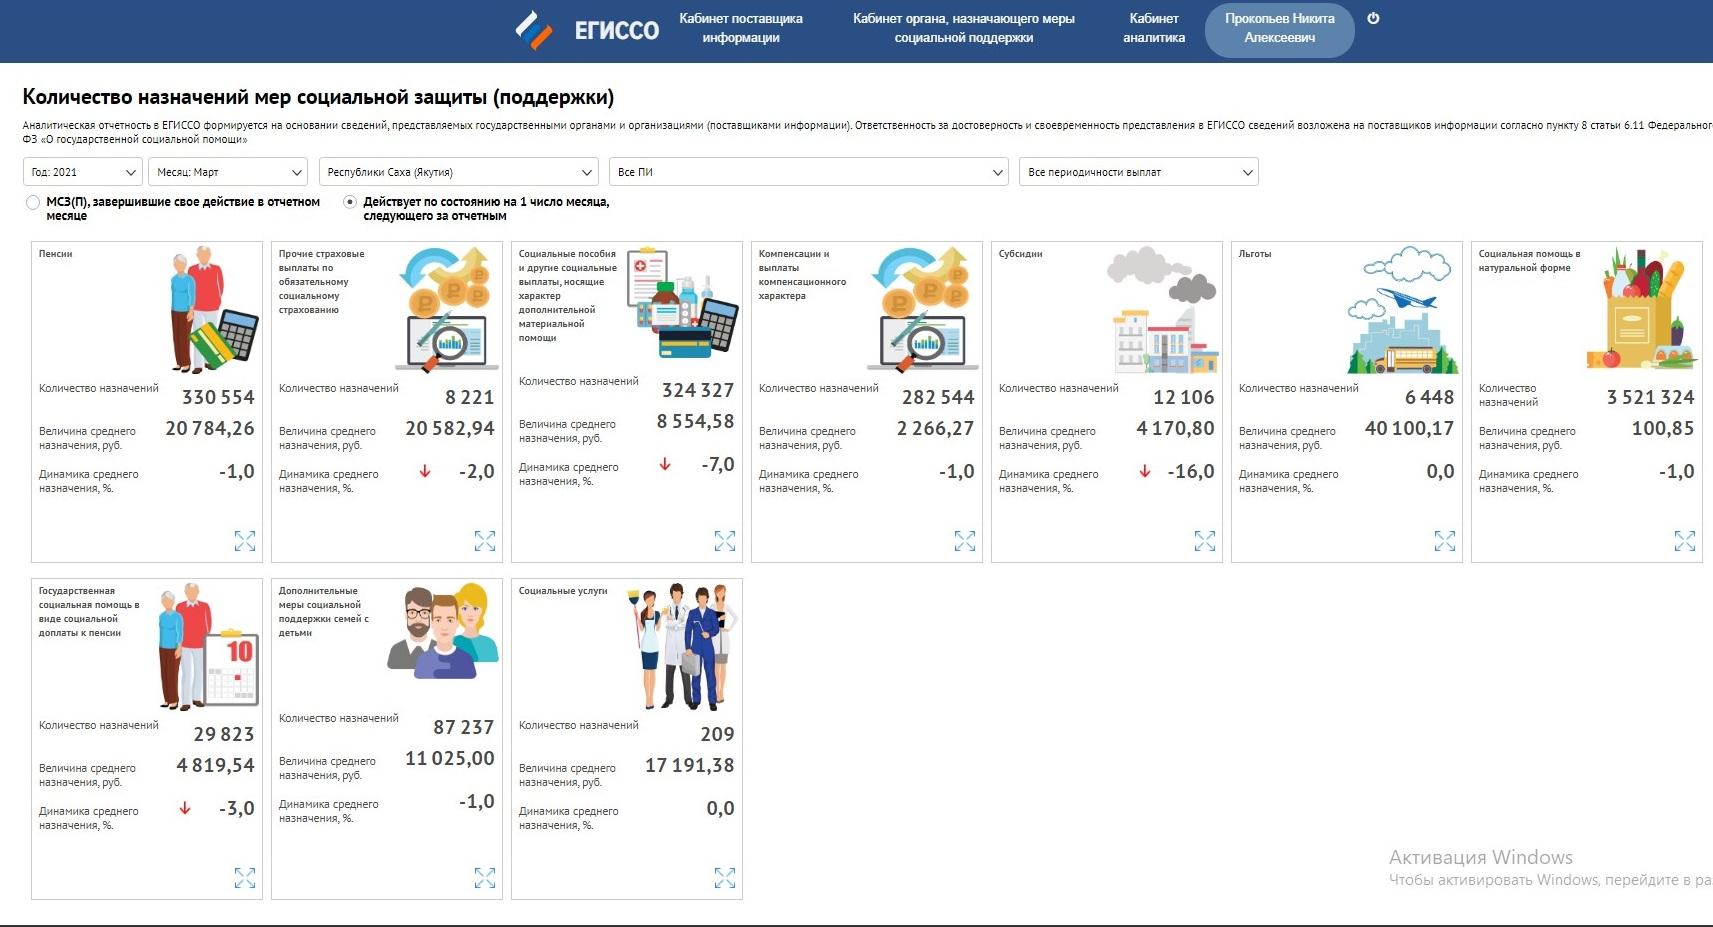 Информацию обо всех социальных выплатах можно получить в ЕГИССО